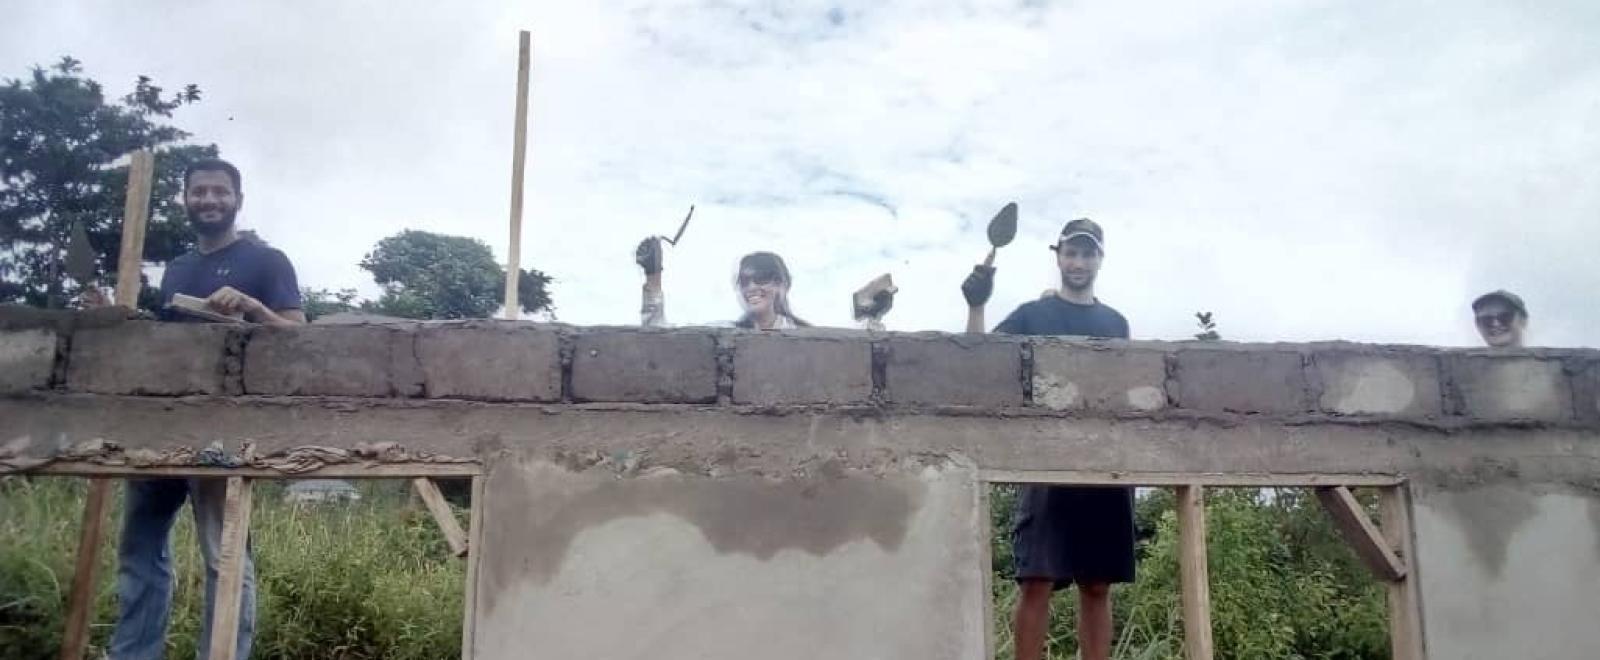 ガーナで建築活動に取り組む柳怜緒奈さんと仲間のボランティア